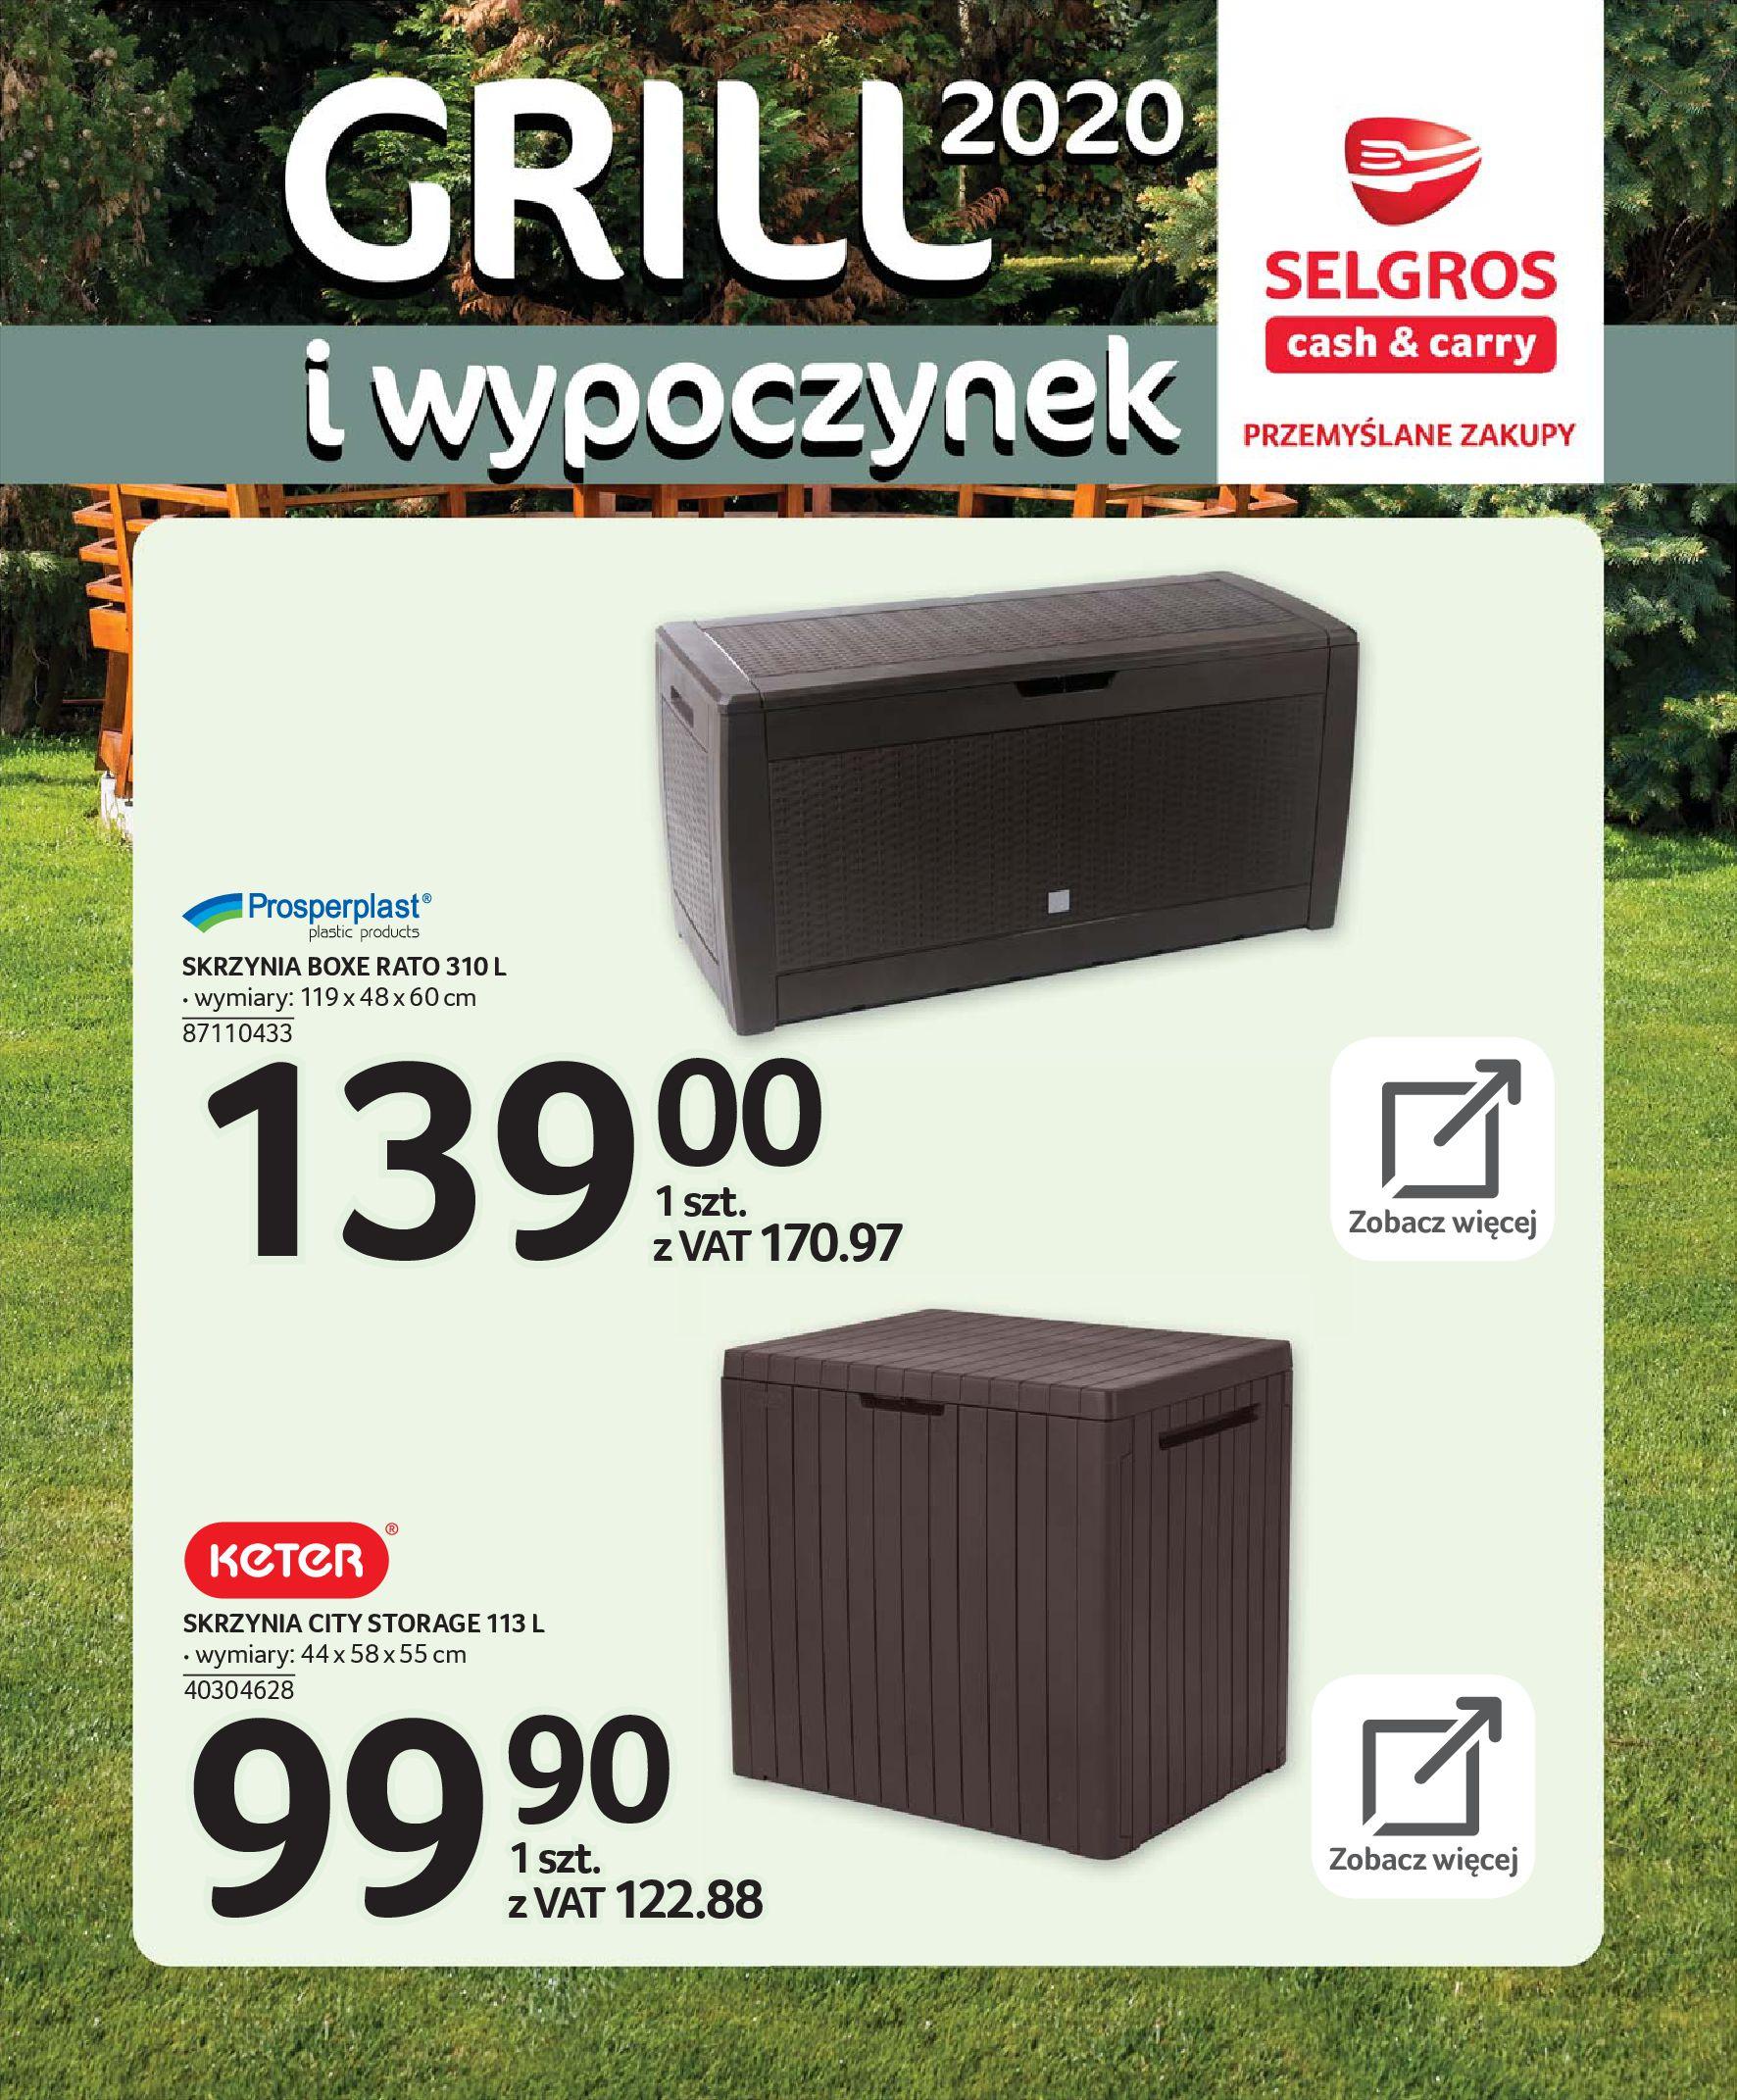 Gazetka Selgros - Katalog - Grill i wypoczynek-31.03.2020-31.08.2020-page-31